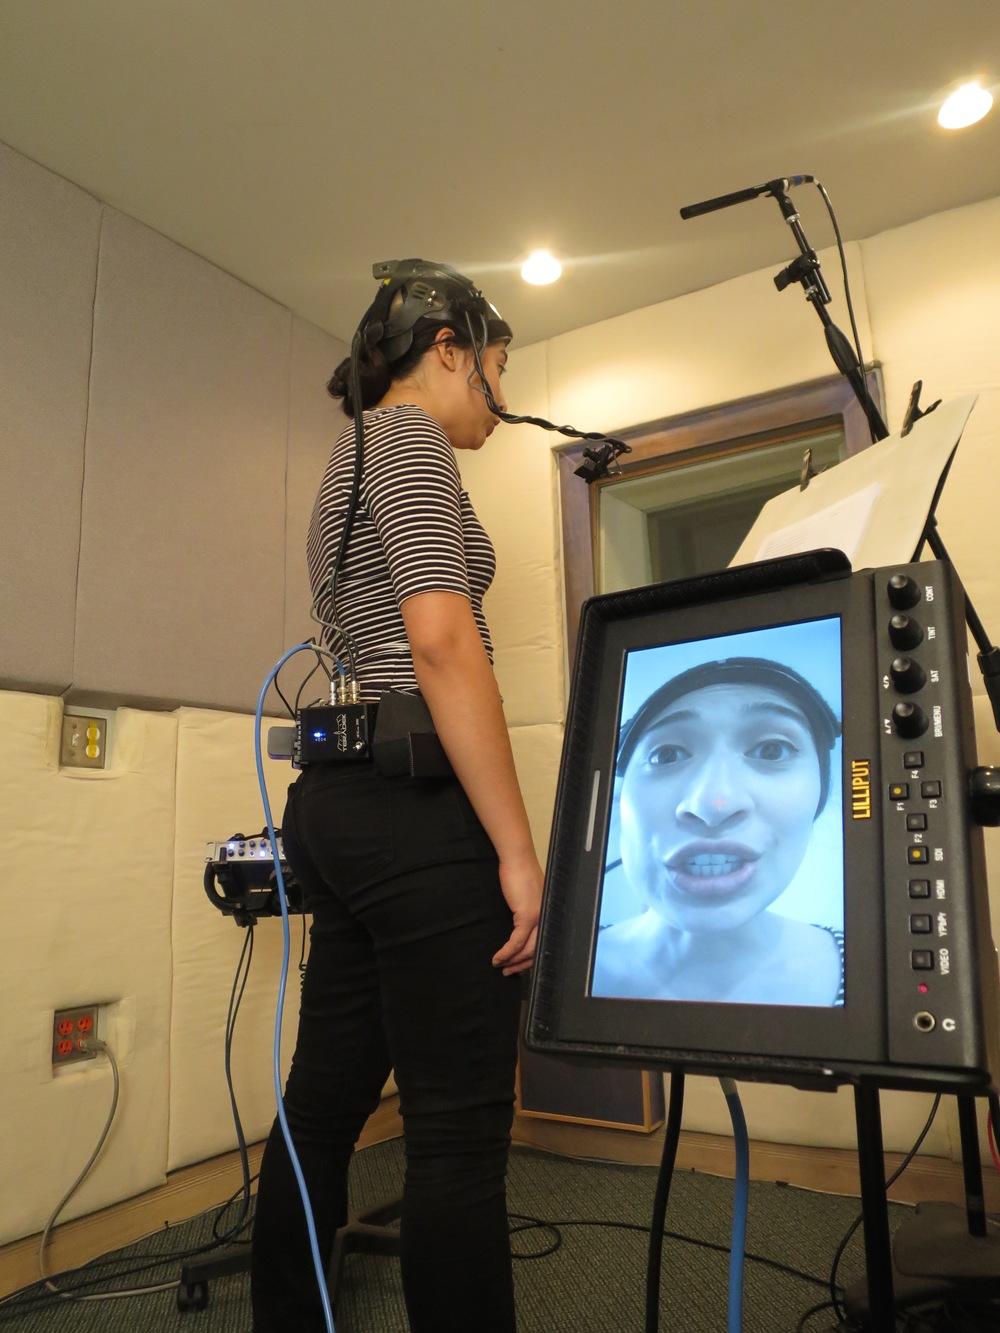 Faceware Tech Headcam Session